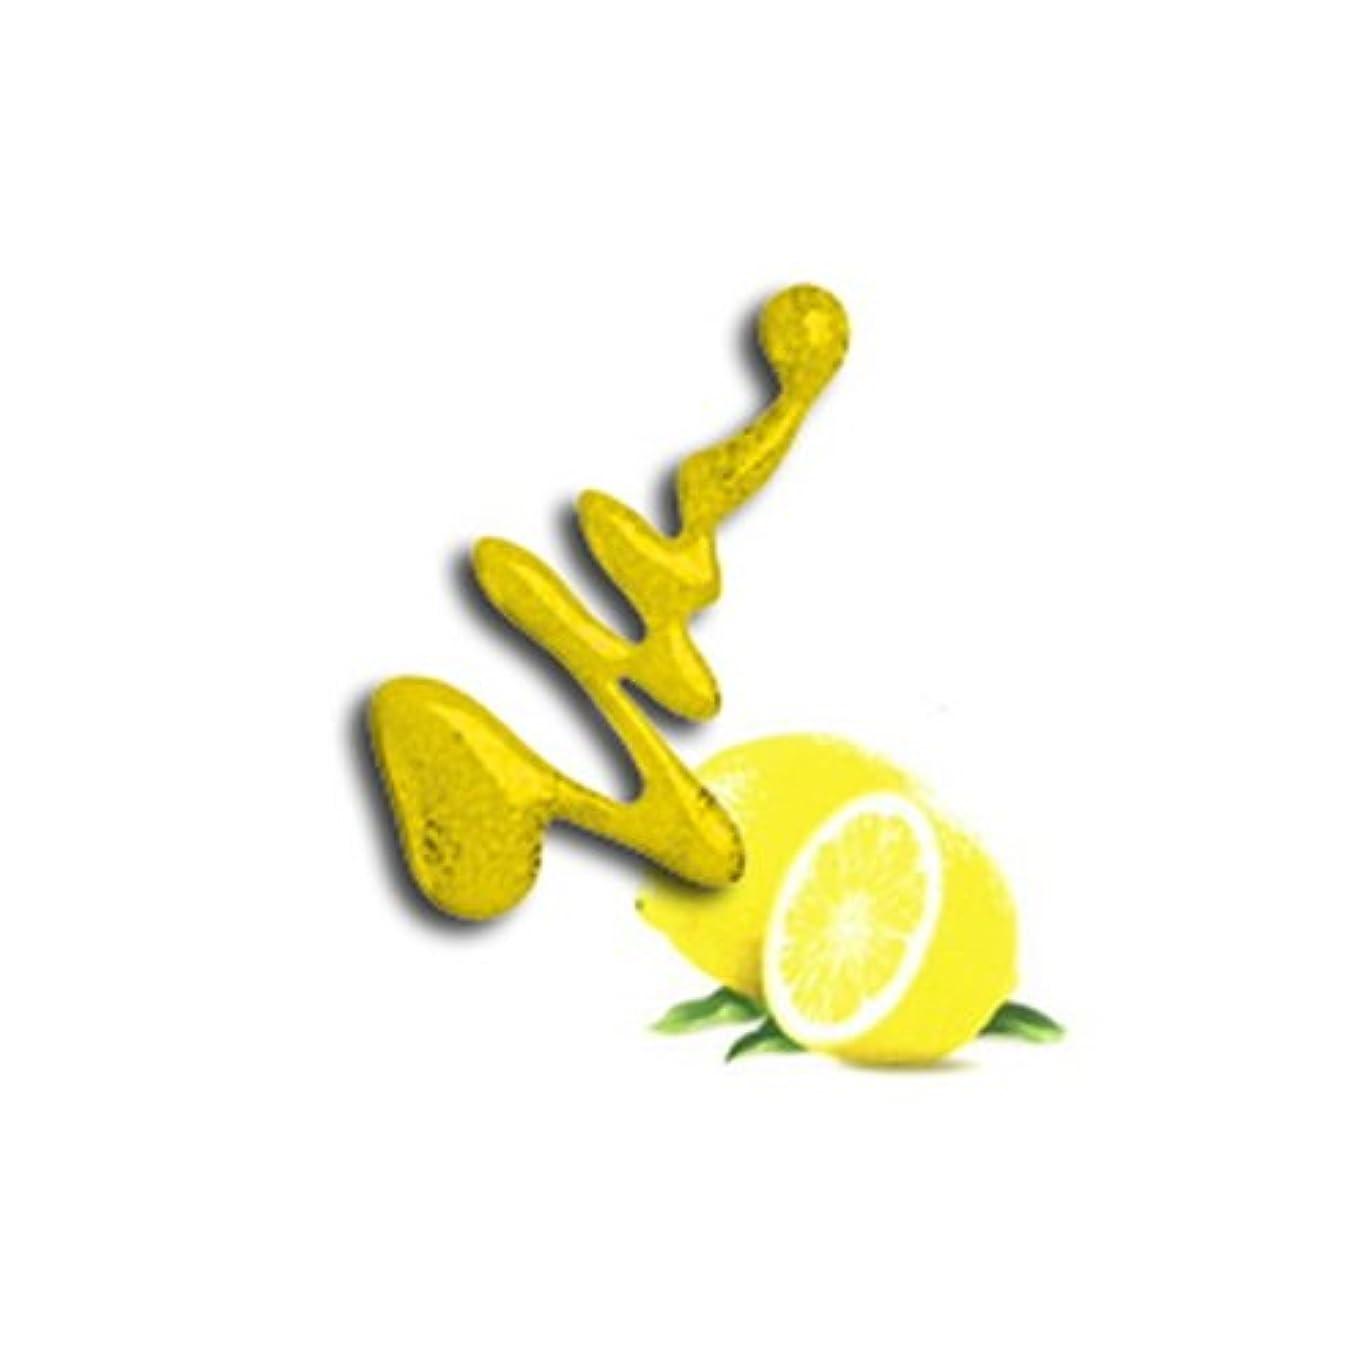 チューブ平等自信がある(3 Pack) LA GIRL Fruity Scented Nail Polish - Zesty Citrus (並行輸入品)